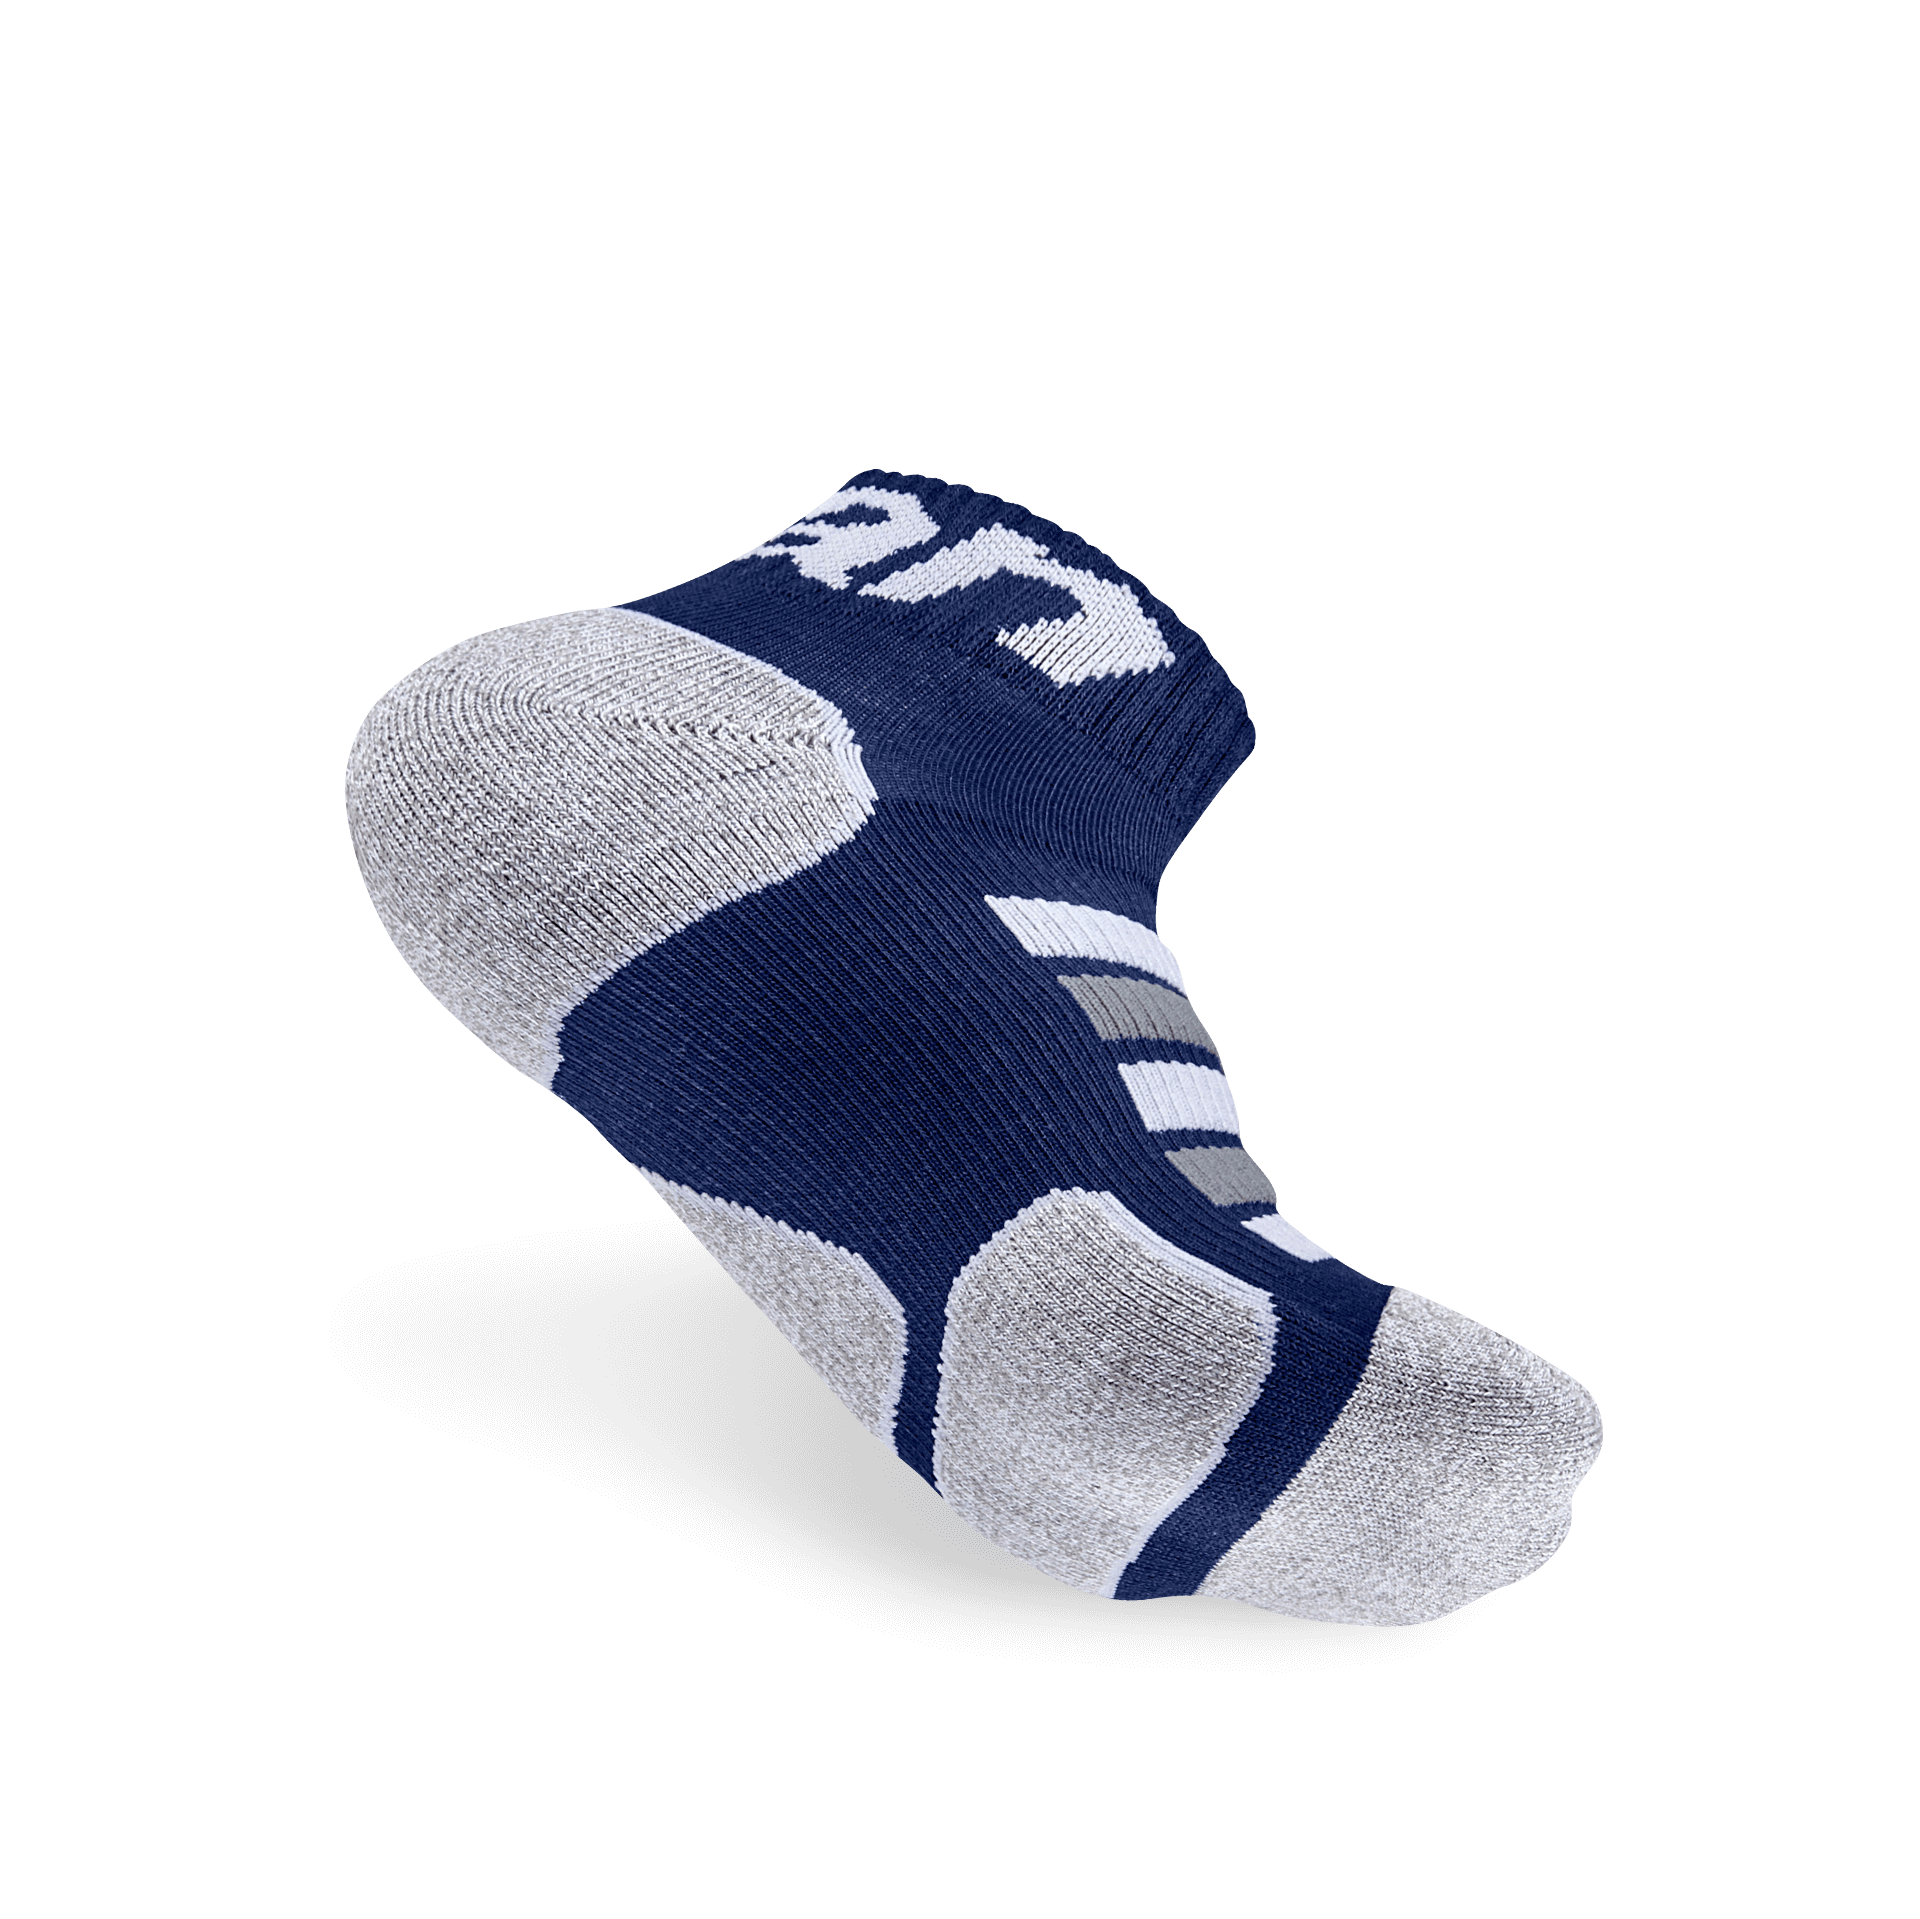 功能慢跑襪 2s